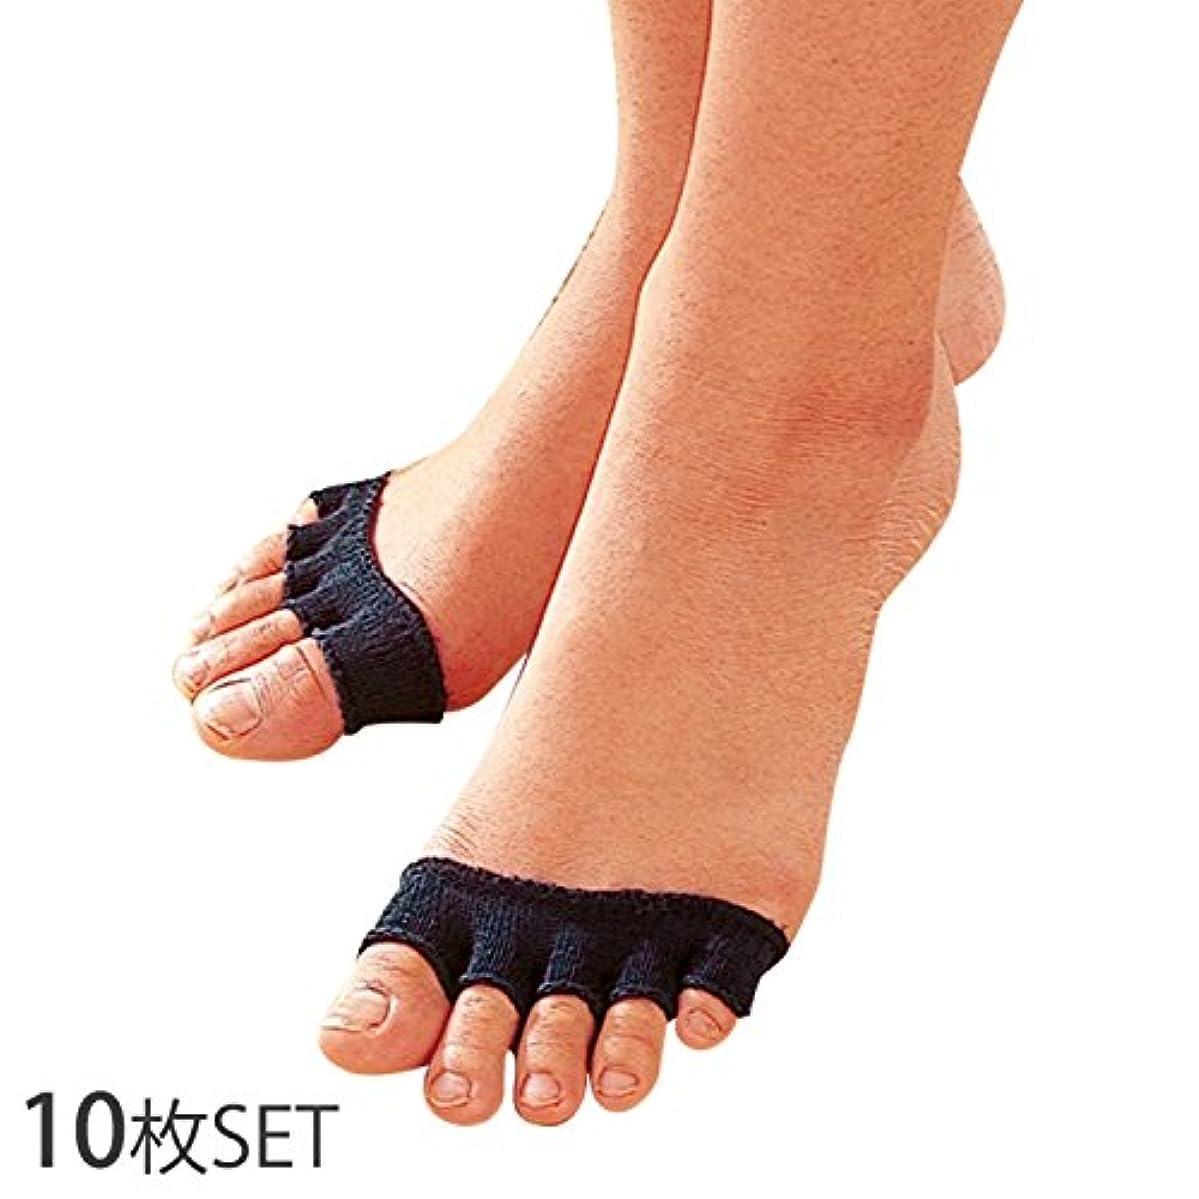 手荷物スライム事故足指カバー 5本指 男女兼用 指先なし 5本指靴下 抗菌防臭加工 消臭 ひのき指の間カバー 10枚セット 紺